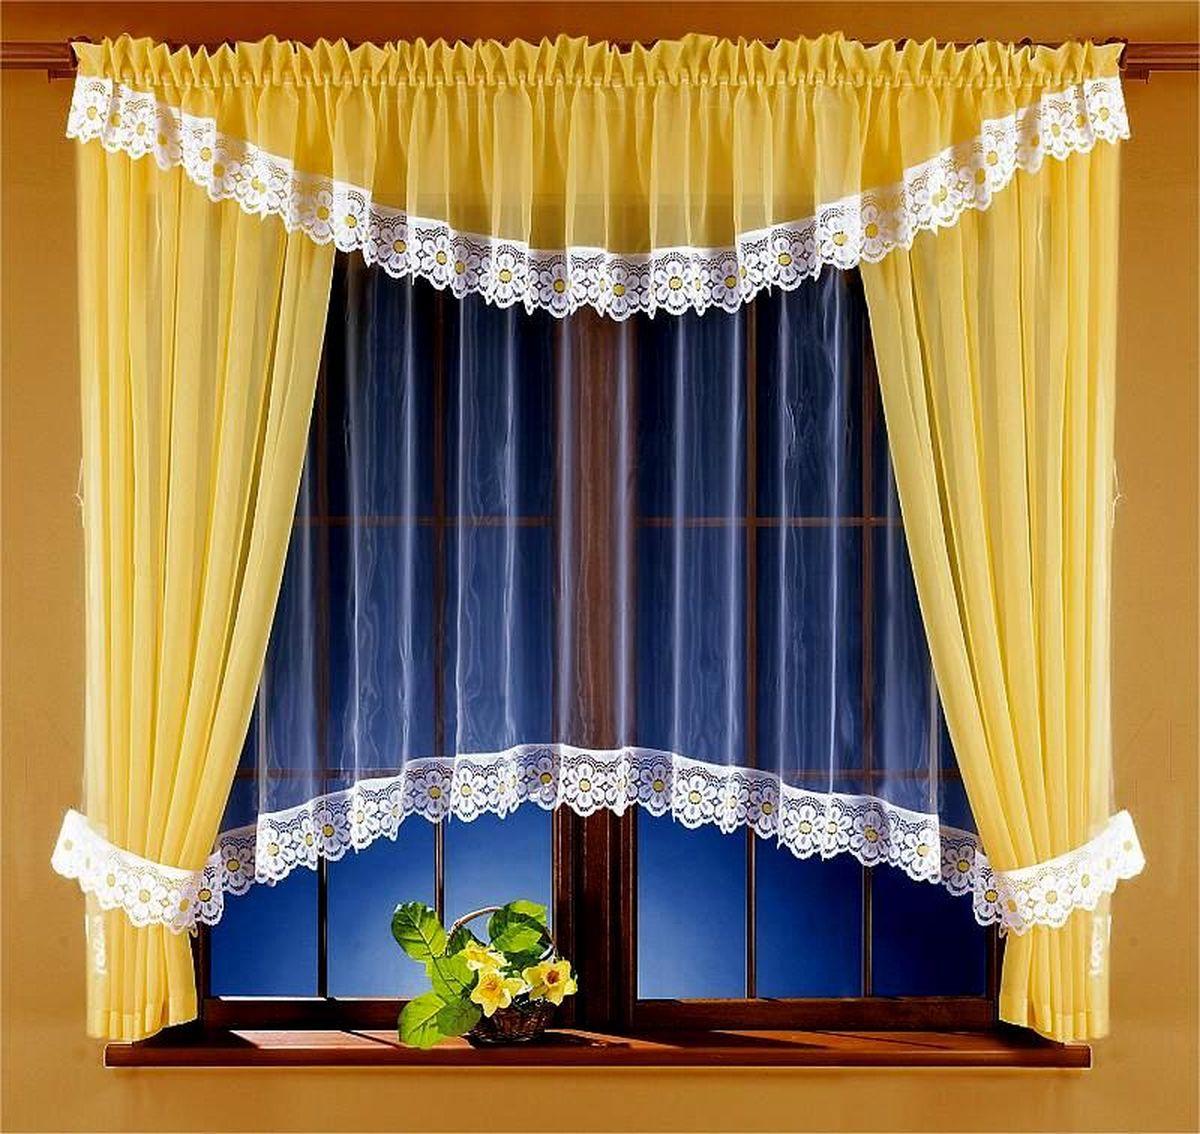 Комплект штор Wisan Ryta, на ленте, цвет: белый, желтый, высота 170 см5746Комплект штор Wisan Ryta выполненный из полиэстера, великолепно украсит любое окно. В комплект входят 2 шторы, тюль, ламбрекен и 2 подхвата.Оригинальный и яркий дизайн придают комплекту особый стиль и шарм. Качественный материал, нежная цветовая гамма и роскошное исполнение - все это делает шторы Wisan Ryta замечательным дополнением интерьера помещения.Комплект оснащен шторной лентой для красивой сборки. В комплект входит: Штора - 2 шт. Размер (ШхВ): 160 см х 170 см.Тюль - 1 шт. Размер (ШхВ): 360 см х 160 см. Ламбрекен - 1 шт. Размер (ШхВ): 400 см х 40 см. Подхват - 2 шт.Фирма Wisan на польском рынке существует уже более пятидесяти лет и является одной из лучших польских фабрик по производству штор и тканей. Ассортимент фирмы представлен готовыми комплектами штор для гостиной, детской, кухни, а также текстилем для кухни (скатерти, салфетки, дорожки, кухонные занавески). Модельный ряд отличает оригинальный дизайн, высокое качество. Ассортимент продукции постоянно пополняется.